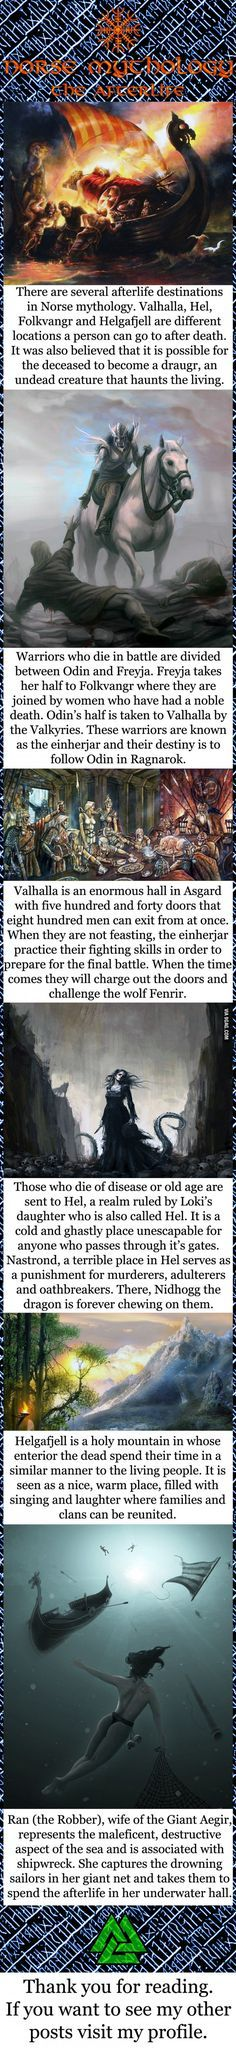 Norse mythology The Afterlife Norse mythology, Norse